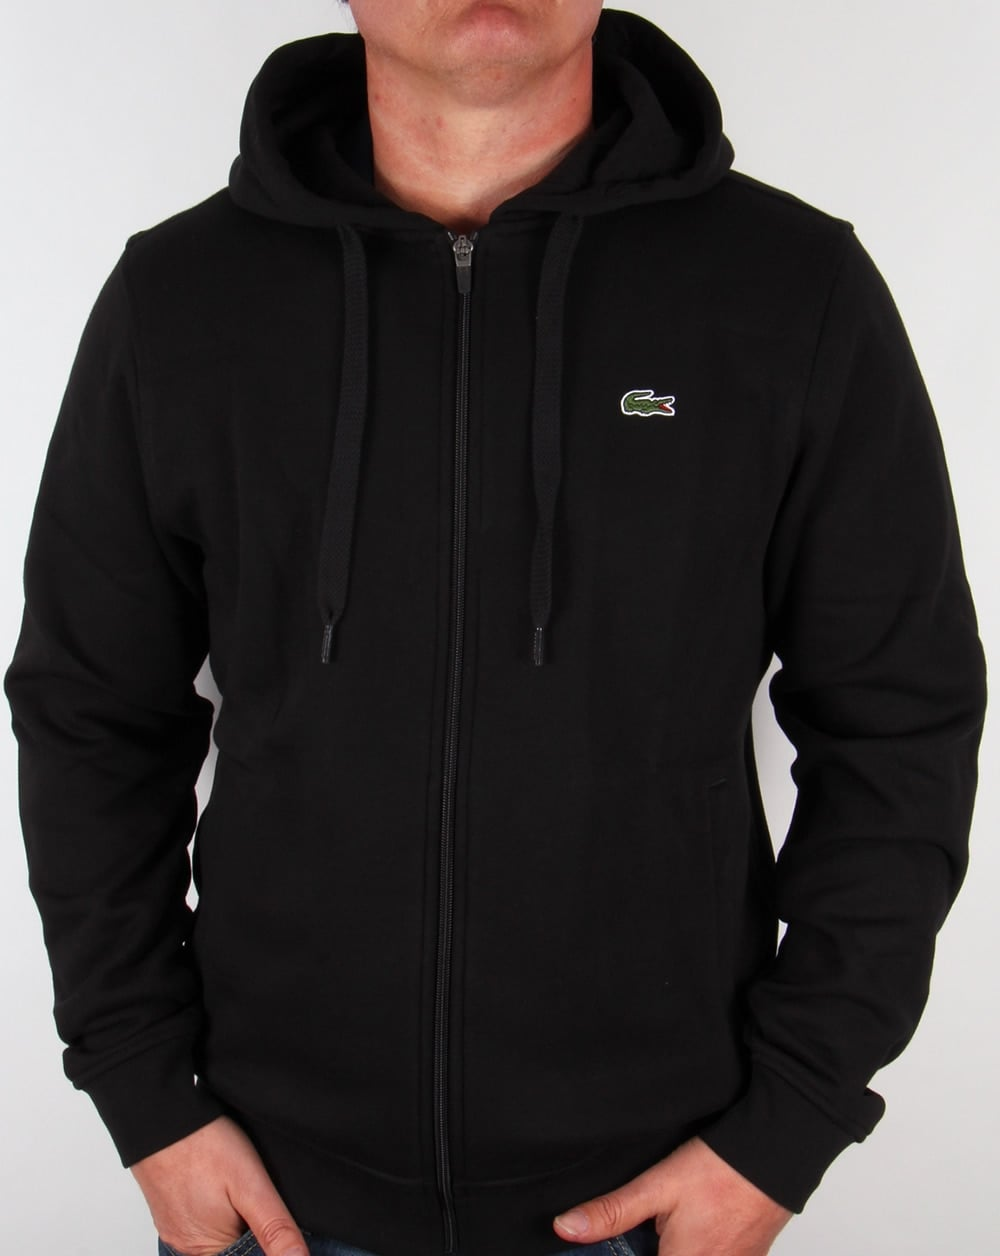 Black hoodie with zipper